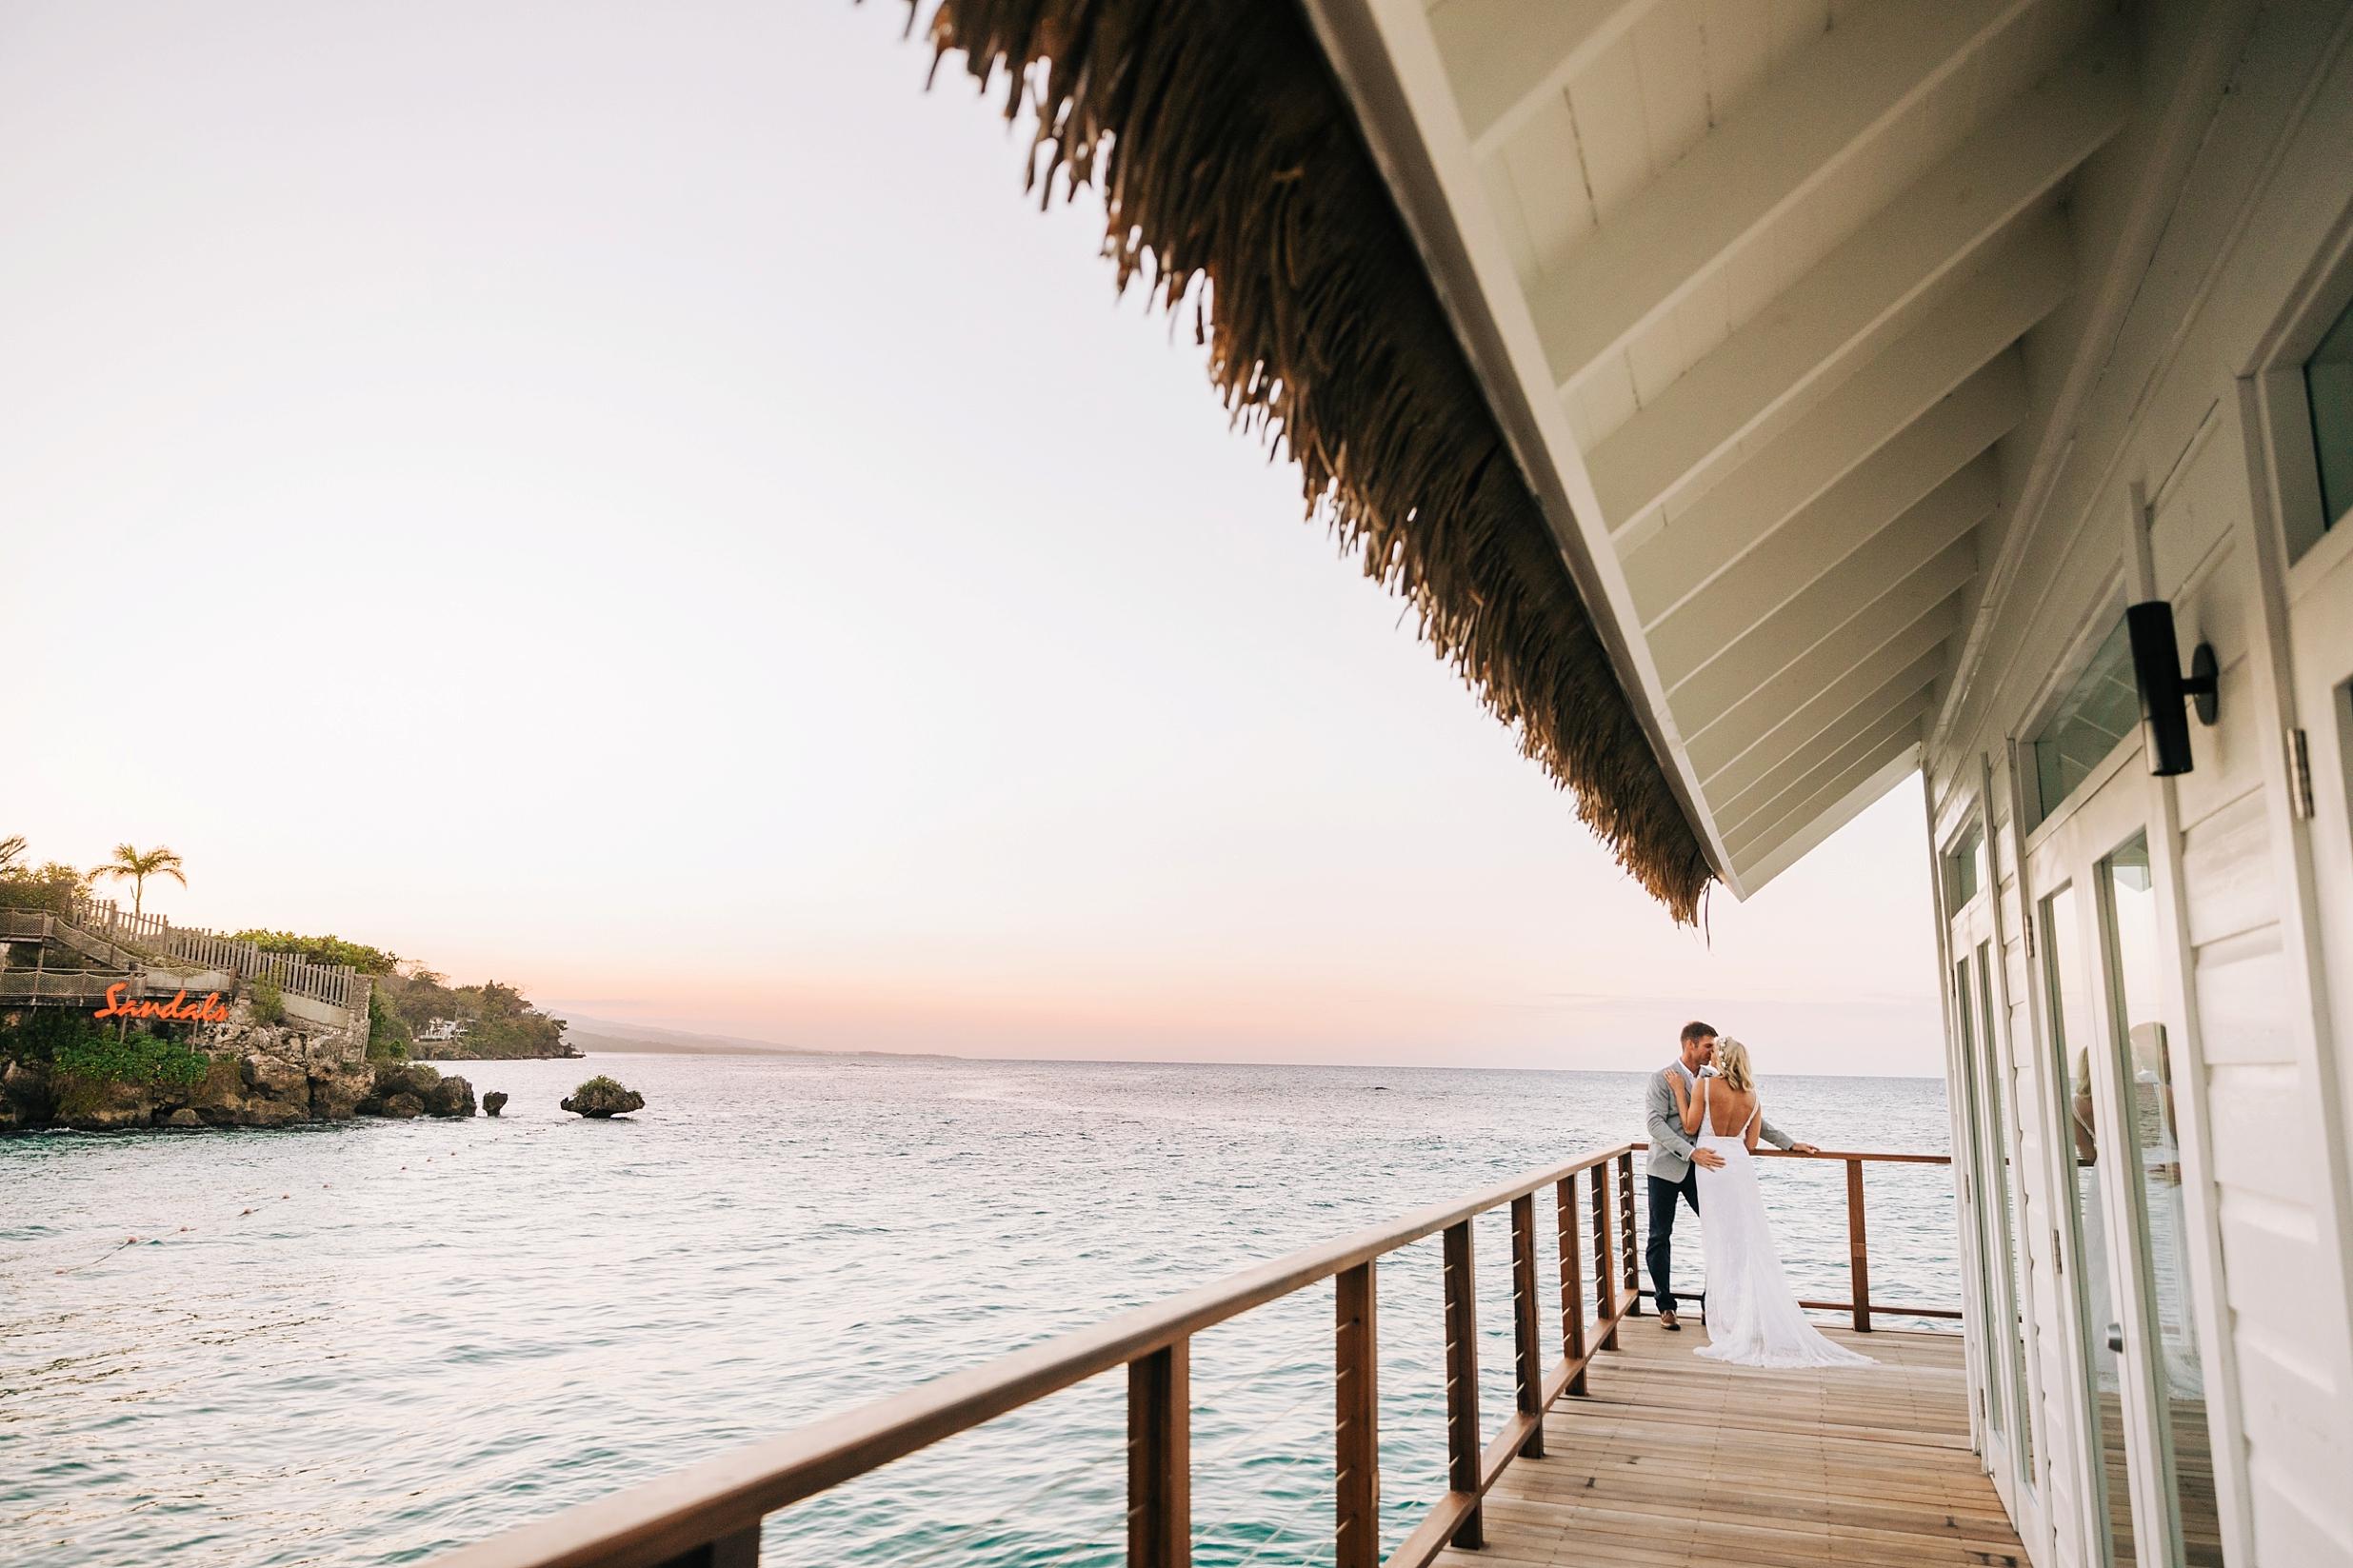 jamaican-wedding-sandals-wedding-destination-beach-intimate_0085.jpg